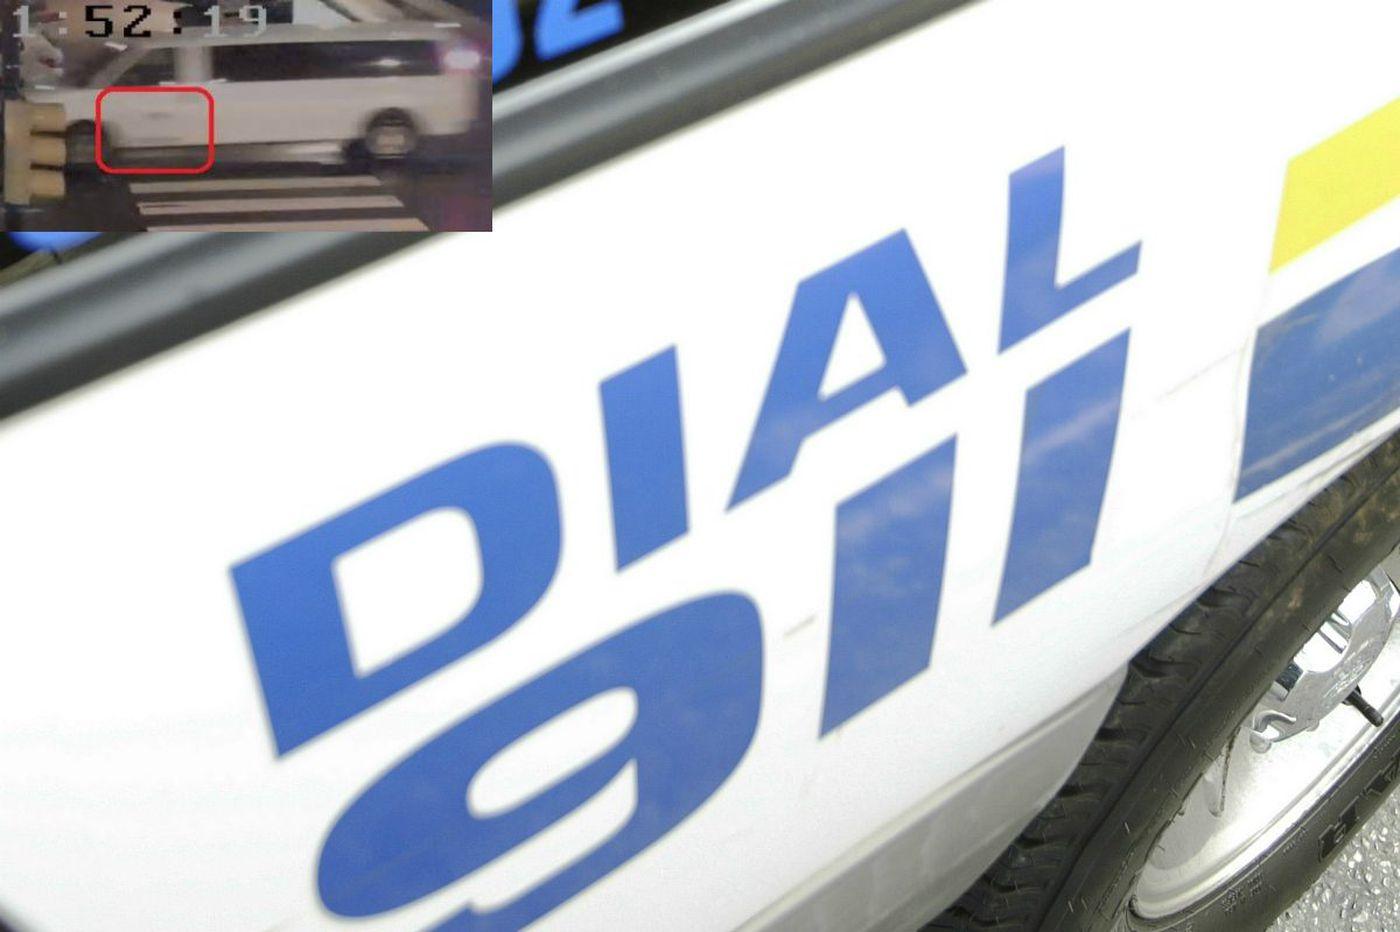 Chevy Express van sought in fatal Port Richmond hit-run